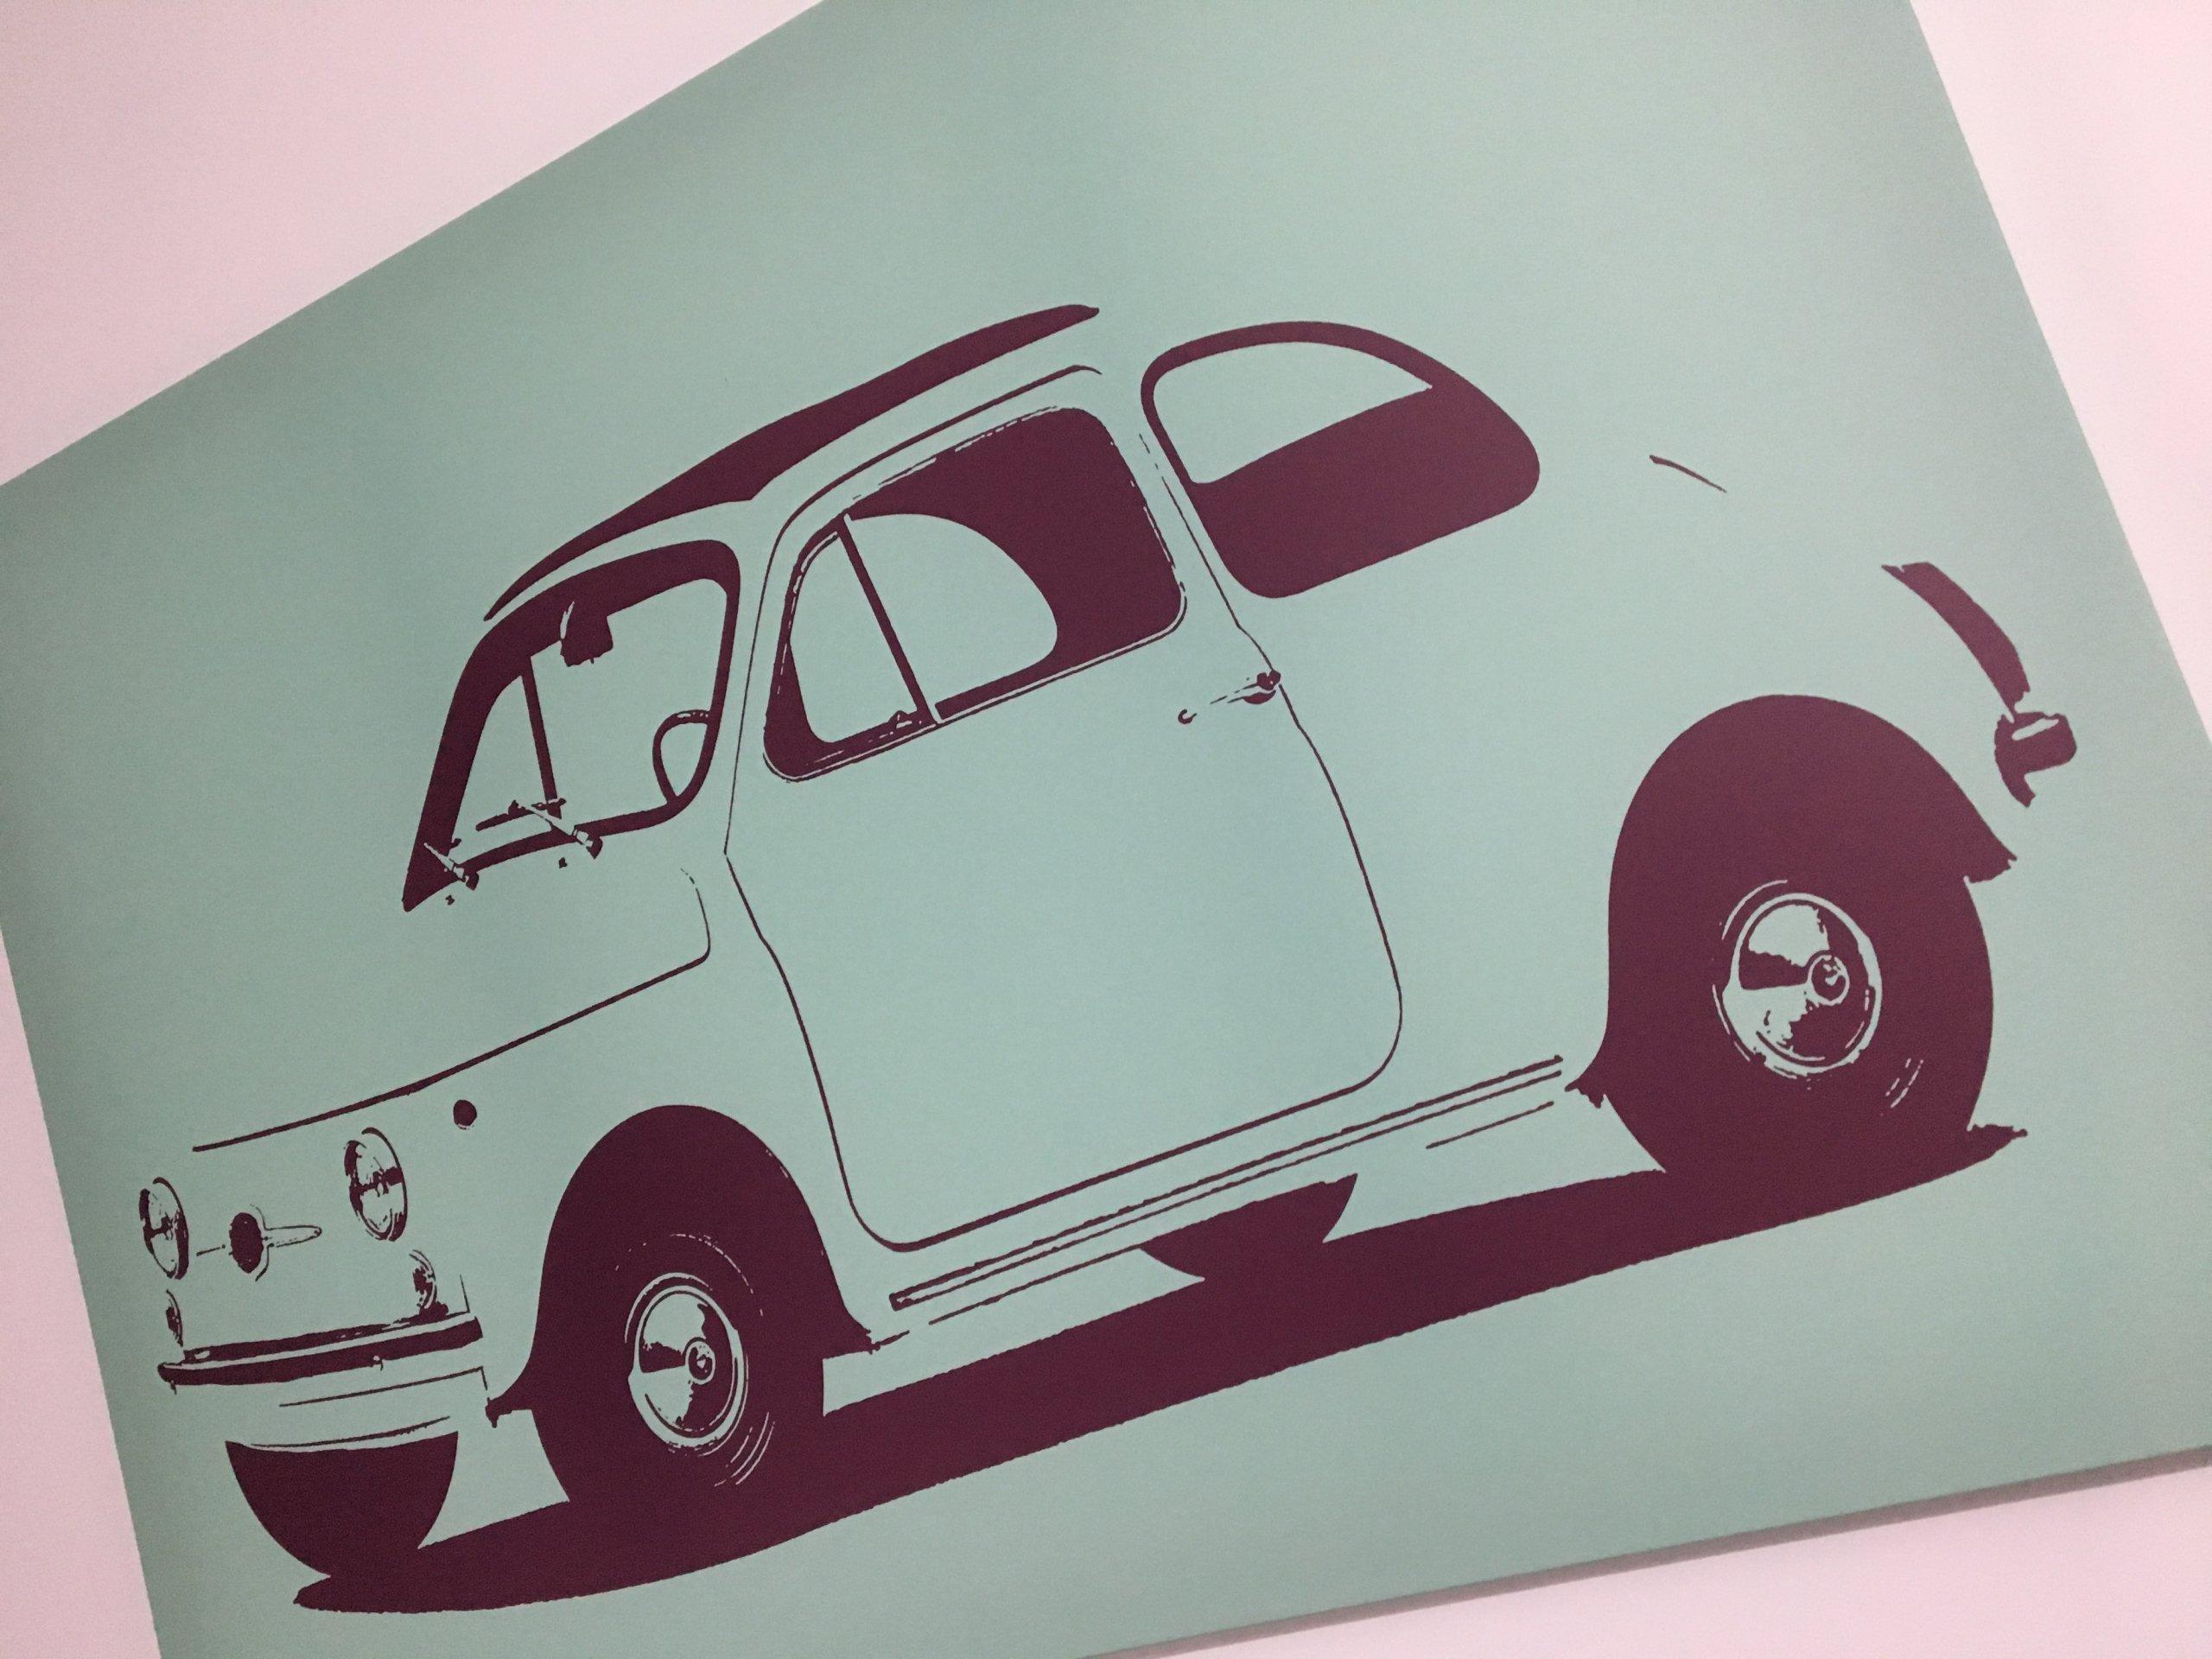 Obraz Zdjęcie Plakat Ikea Pjatteryd Fiat 500 7401269718